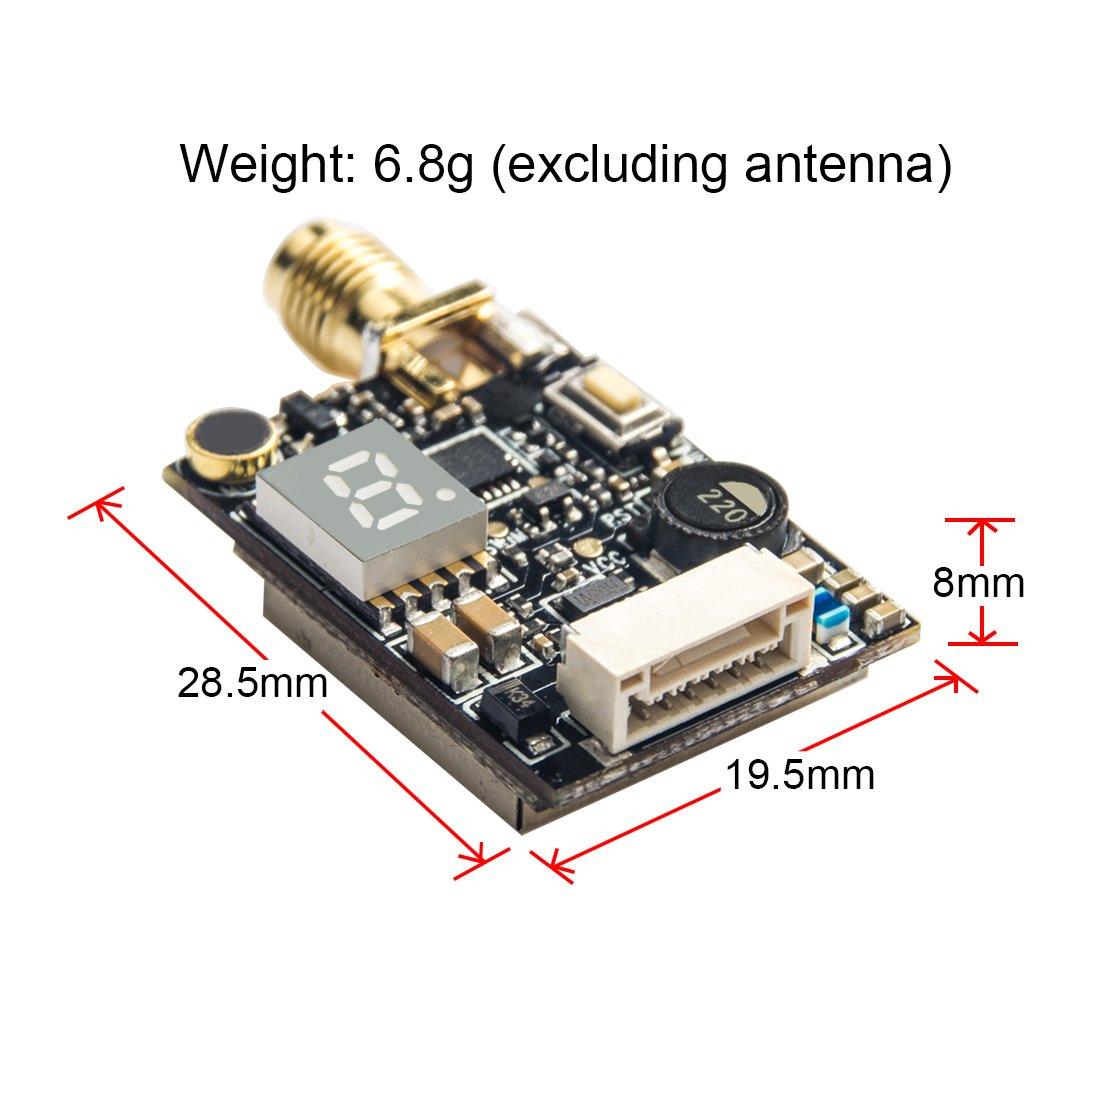 AKK X2 5.8Ghz 0.01mW//25mW//200mW//500mW//800mW Switchable FPV Transmitter Compatible with Betaflight OSD FC